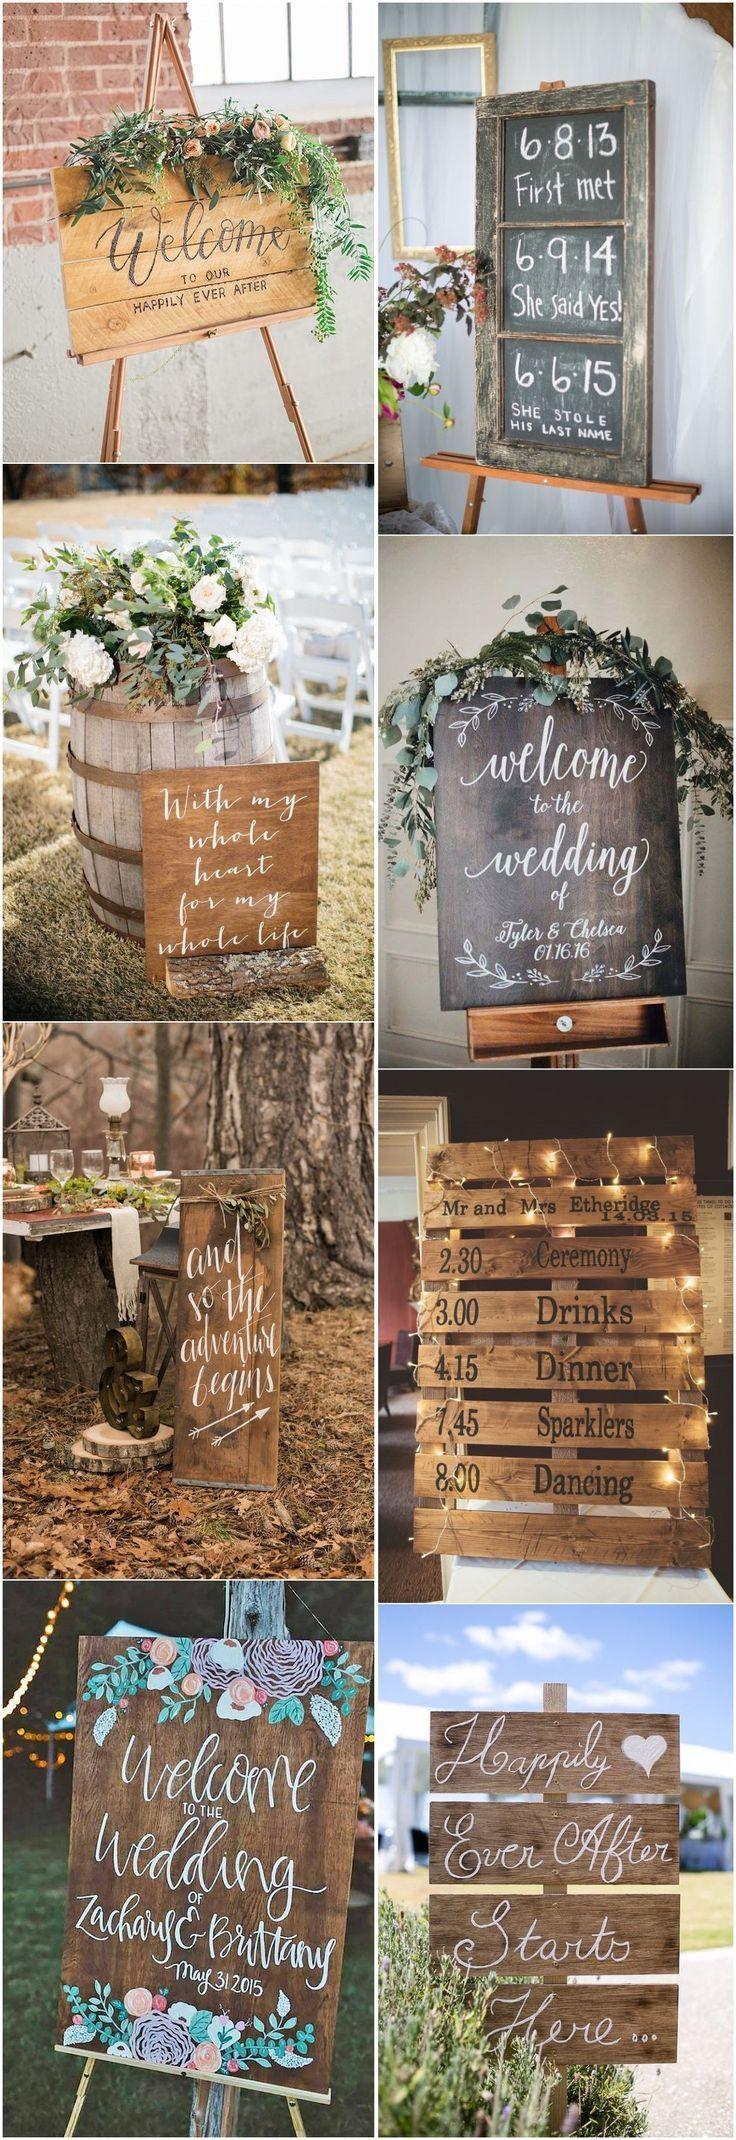 18 Rustikale, budgetfreundliche Ideen für rustikale Hochzeitsschilder